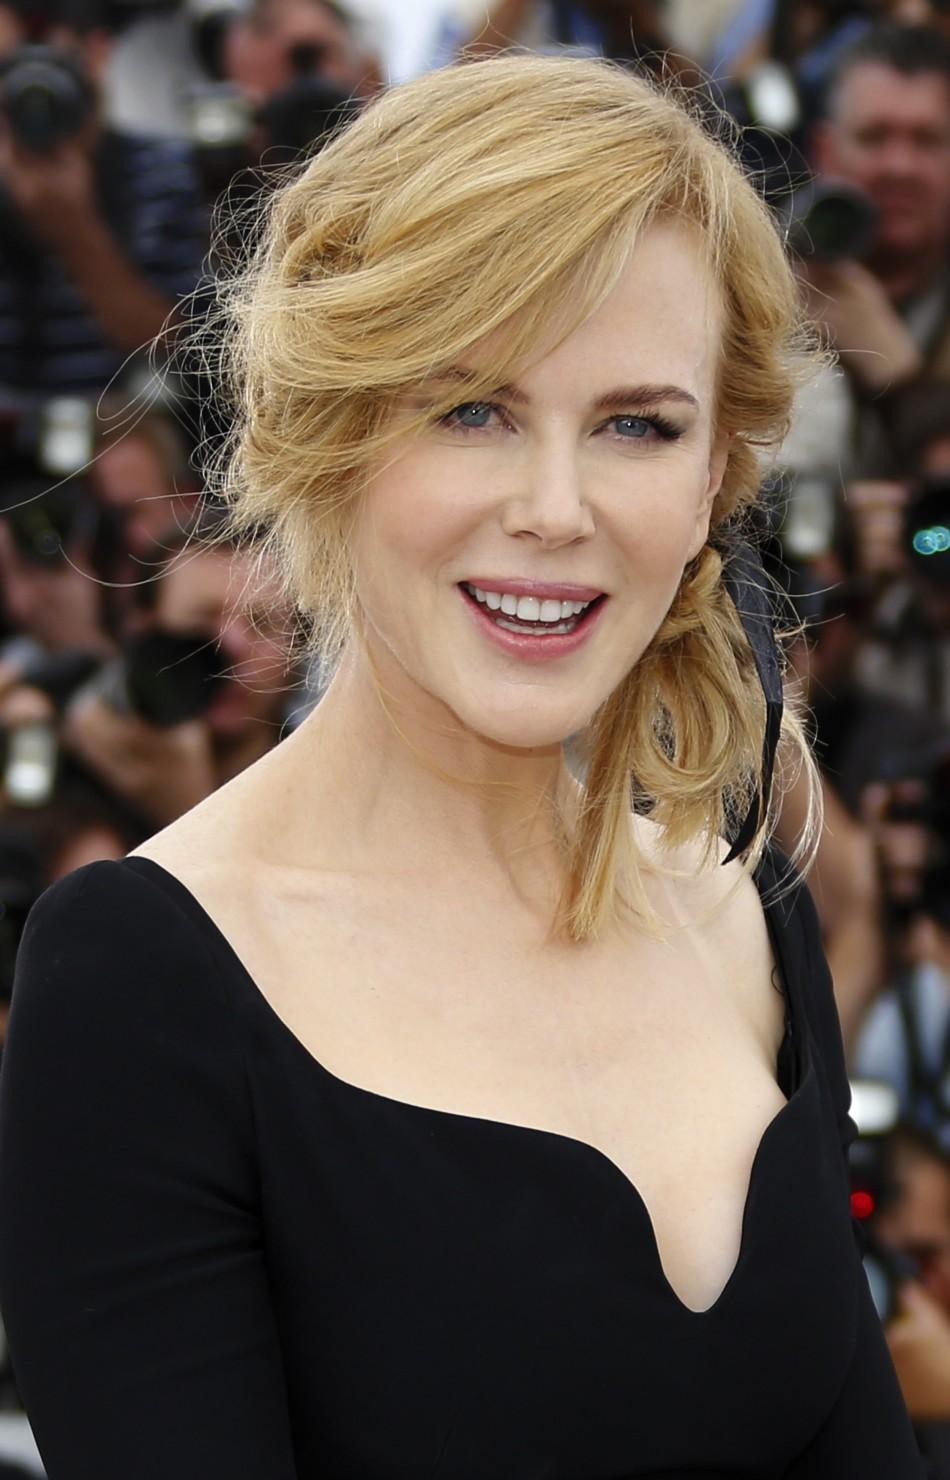 Nicole Kidman wearing an Alexander Wang LBD